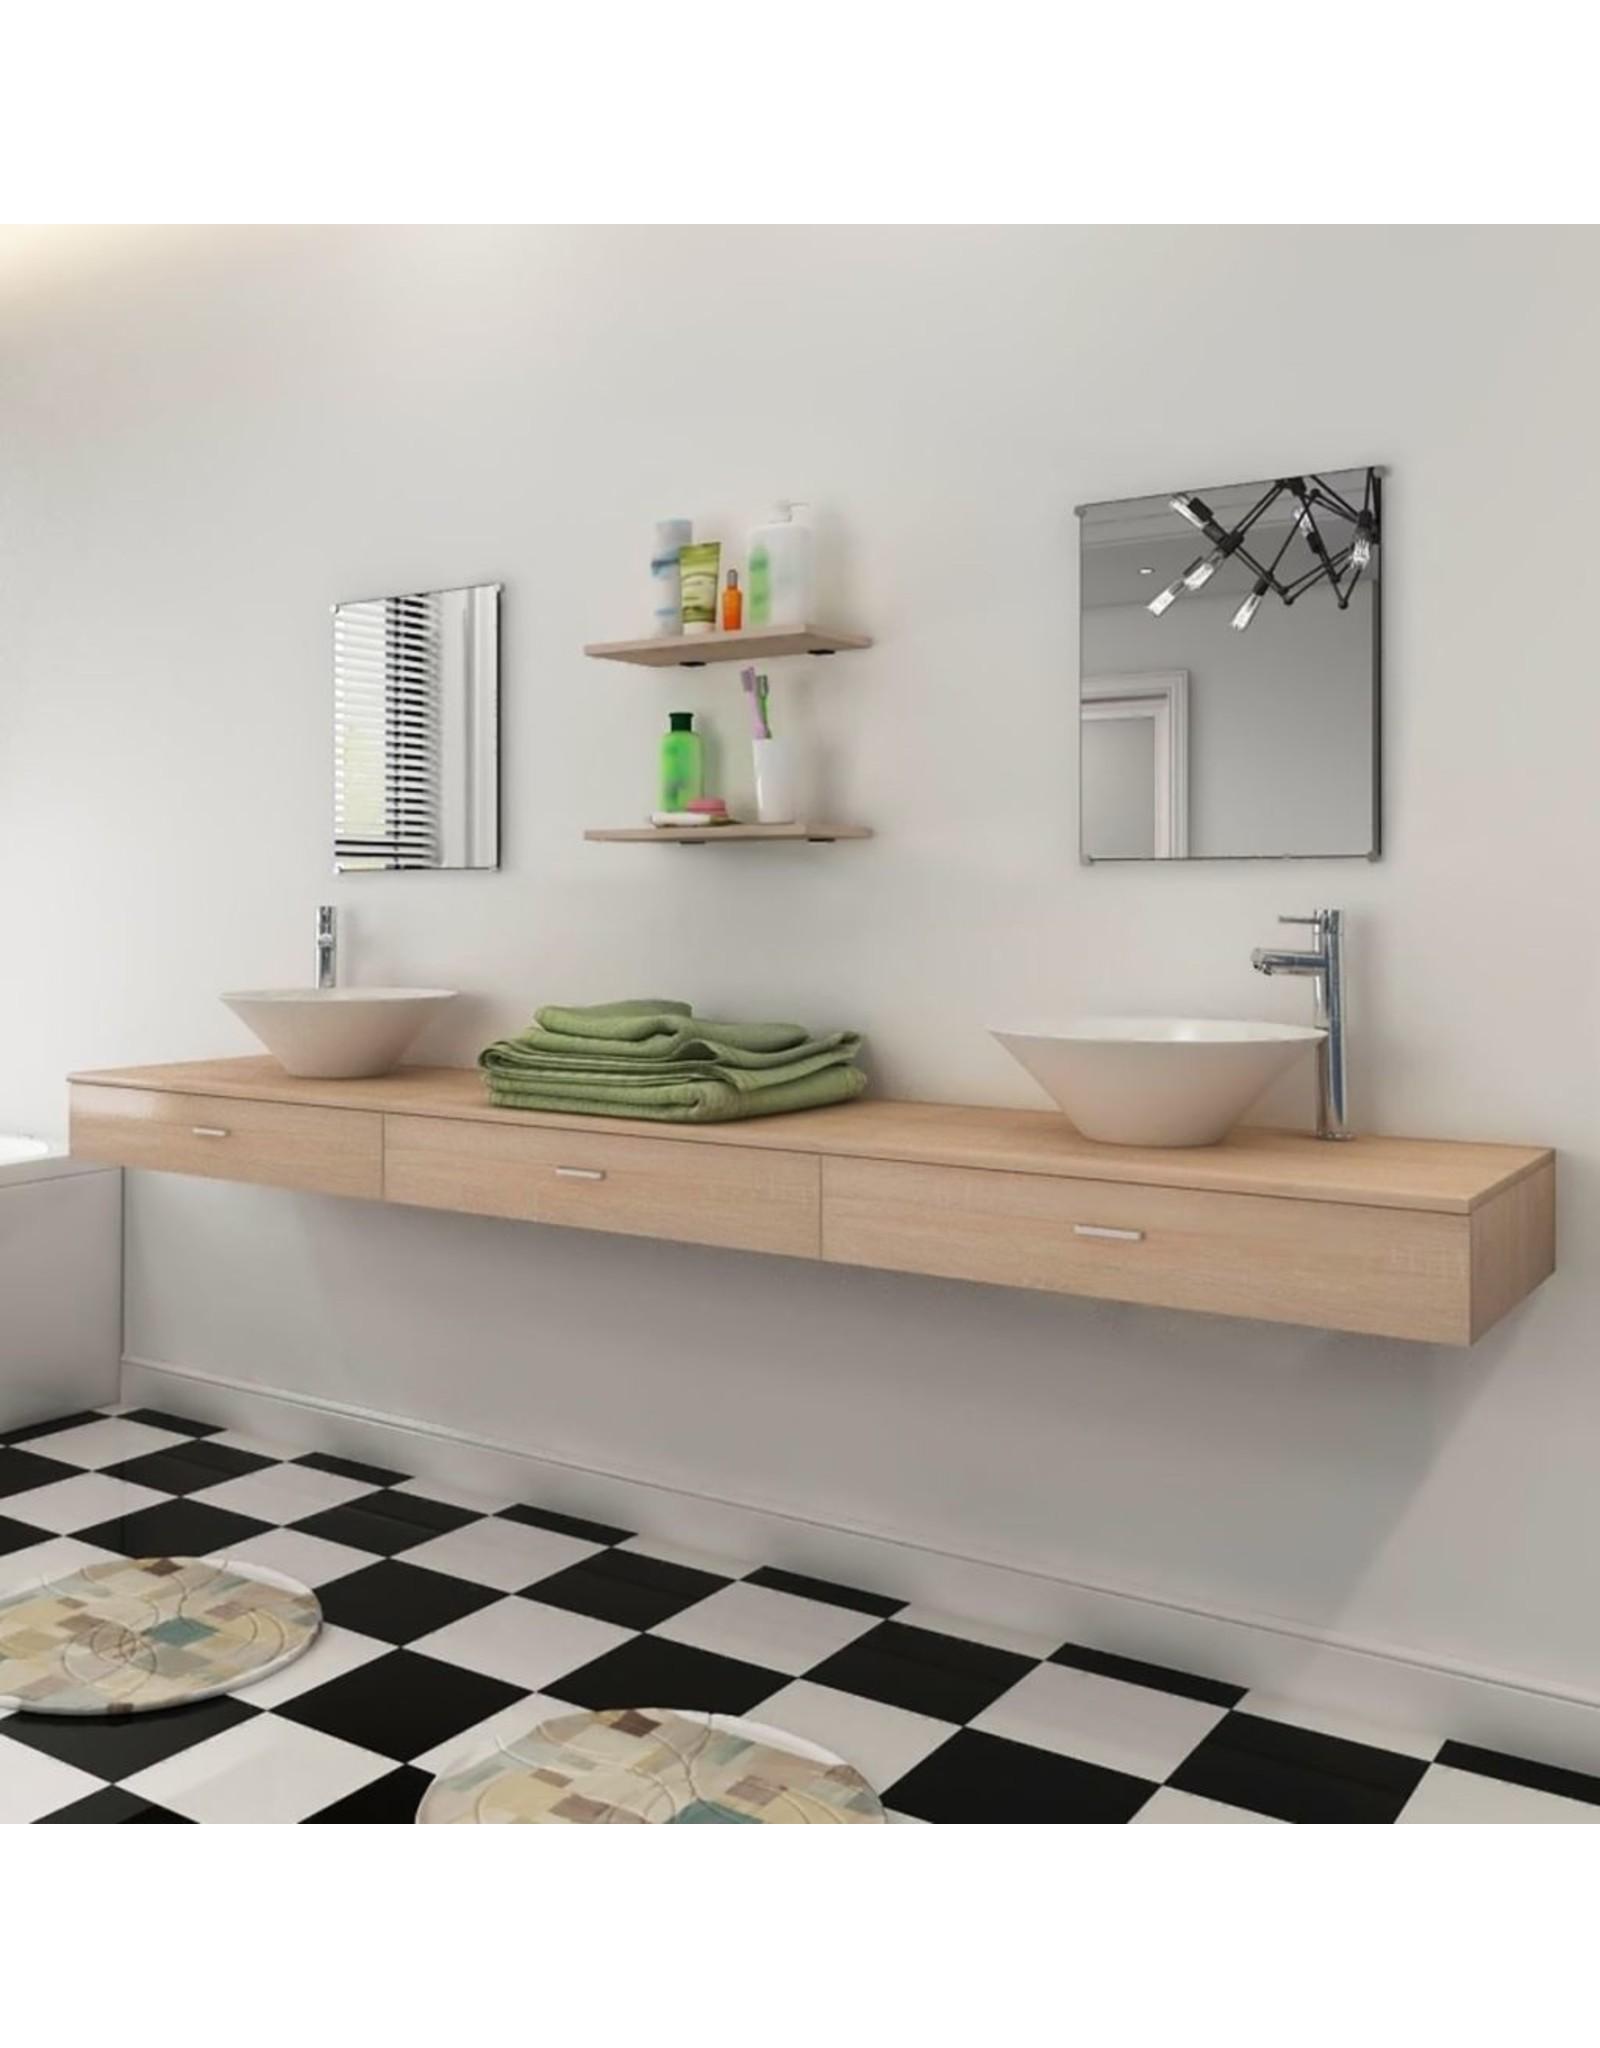 badkamermeubelset met wasbak beige 7-delig